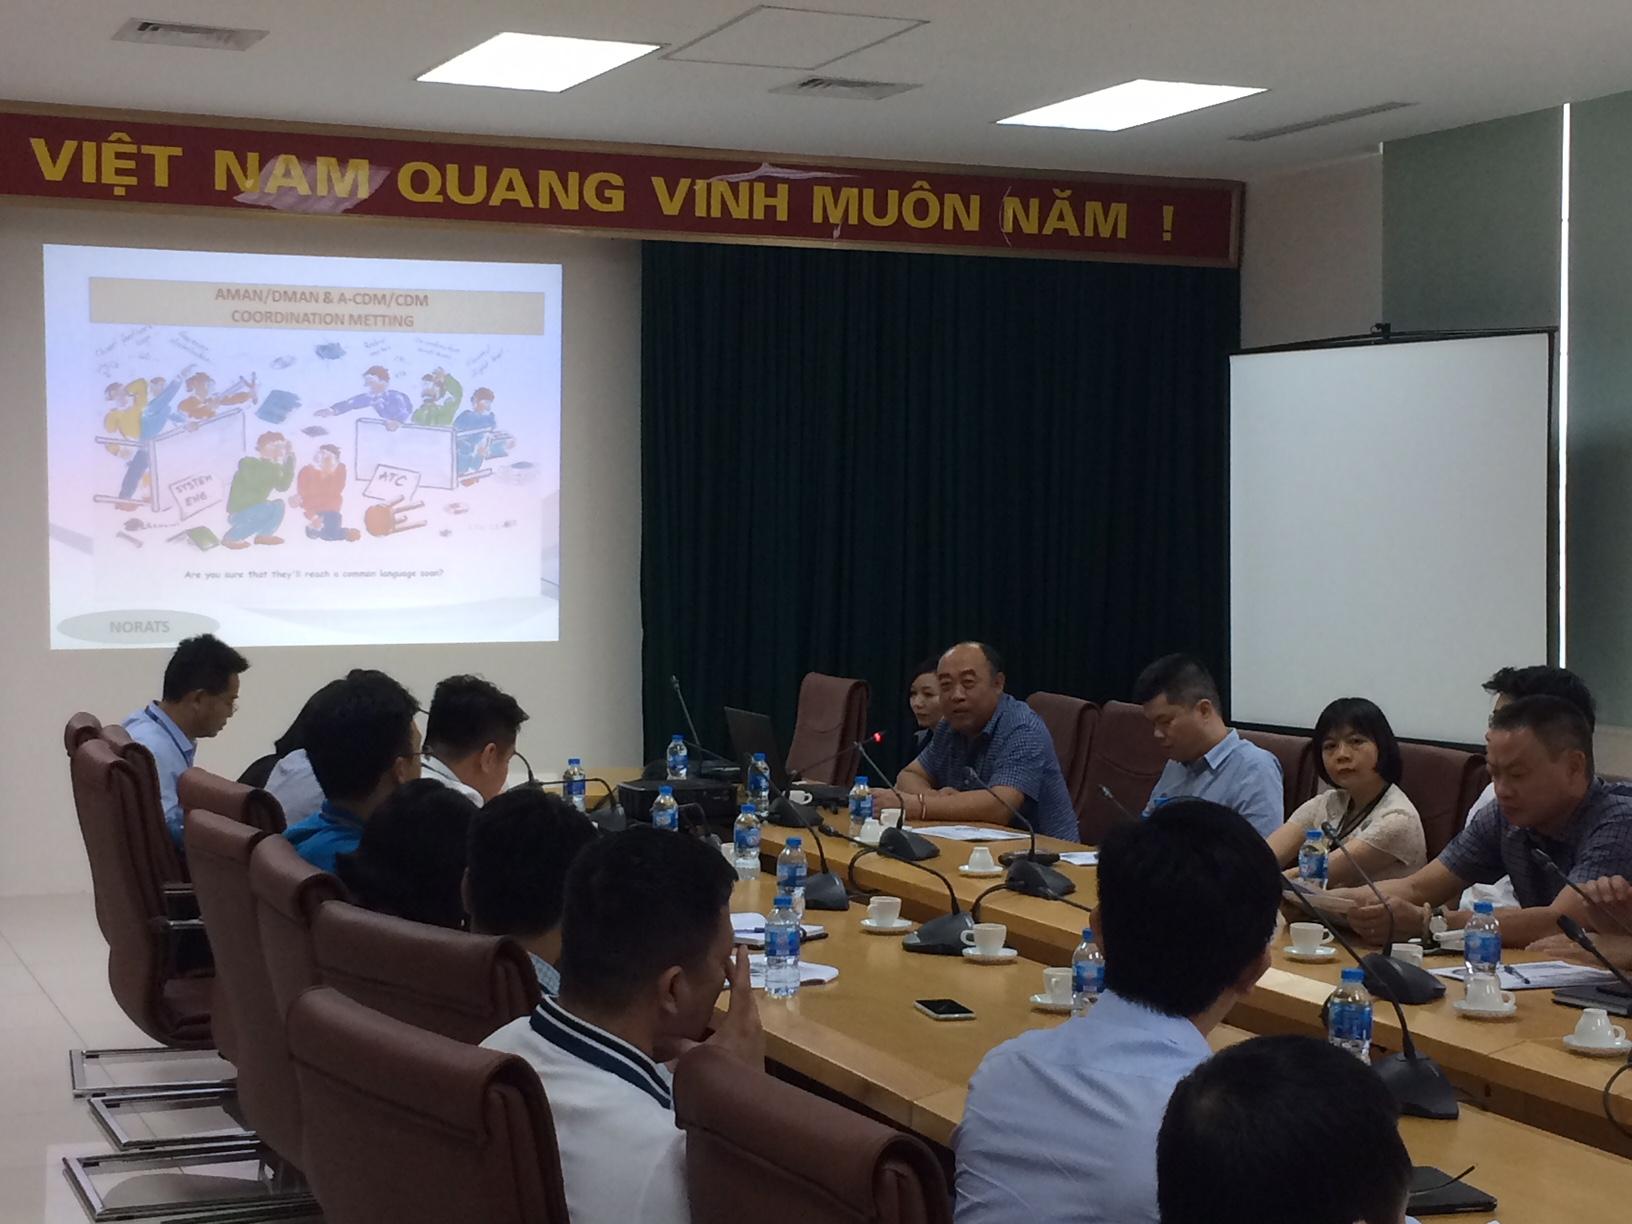 Hội nghị giới thiệu và thảo luận về ứng dụng công nghệ trong công tác Quản lý luồng tàu bay đi, đến tại Cảng Hàng không quốc tế Nội Bài